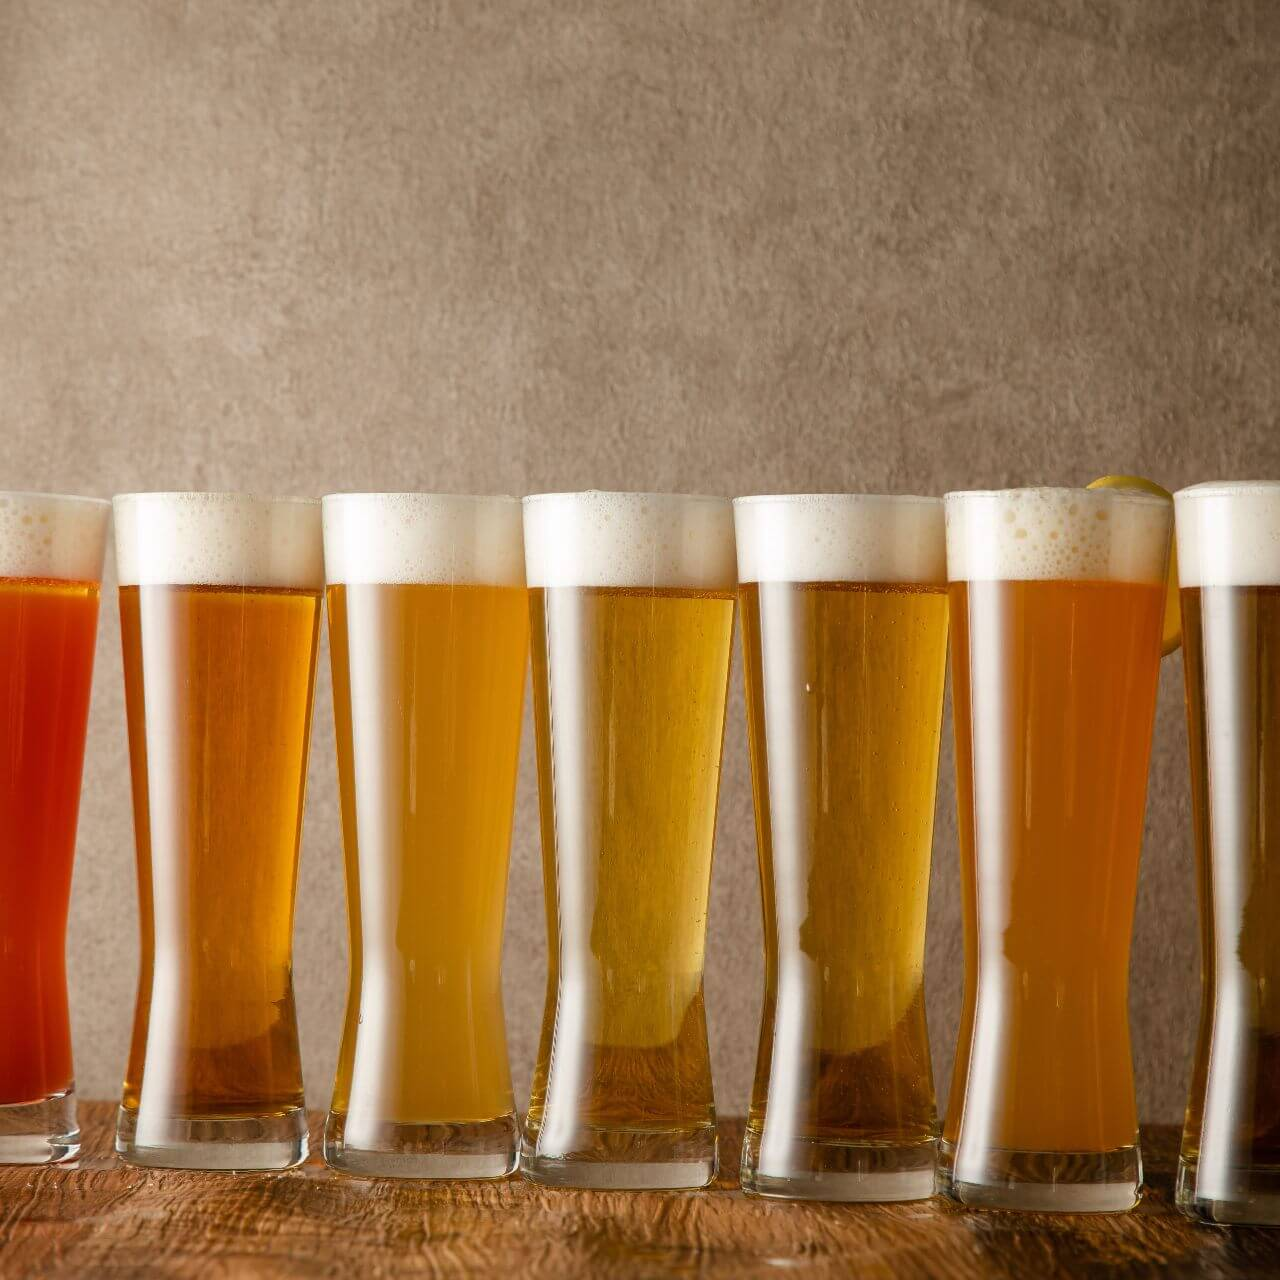 丸の内のカラオケ【MARUNOUCHI BASE】のクラフトビール